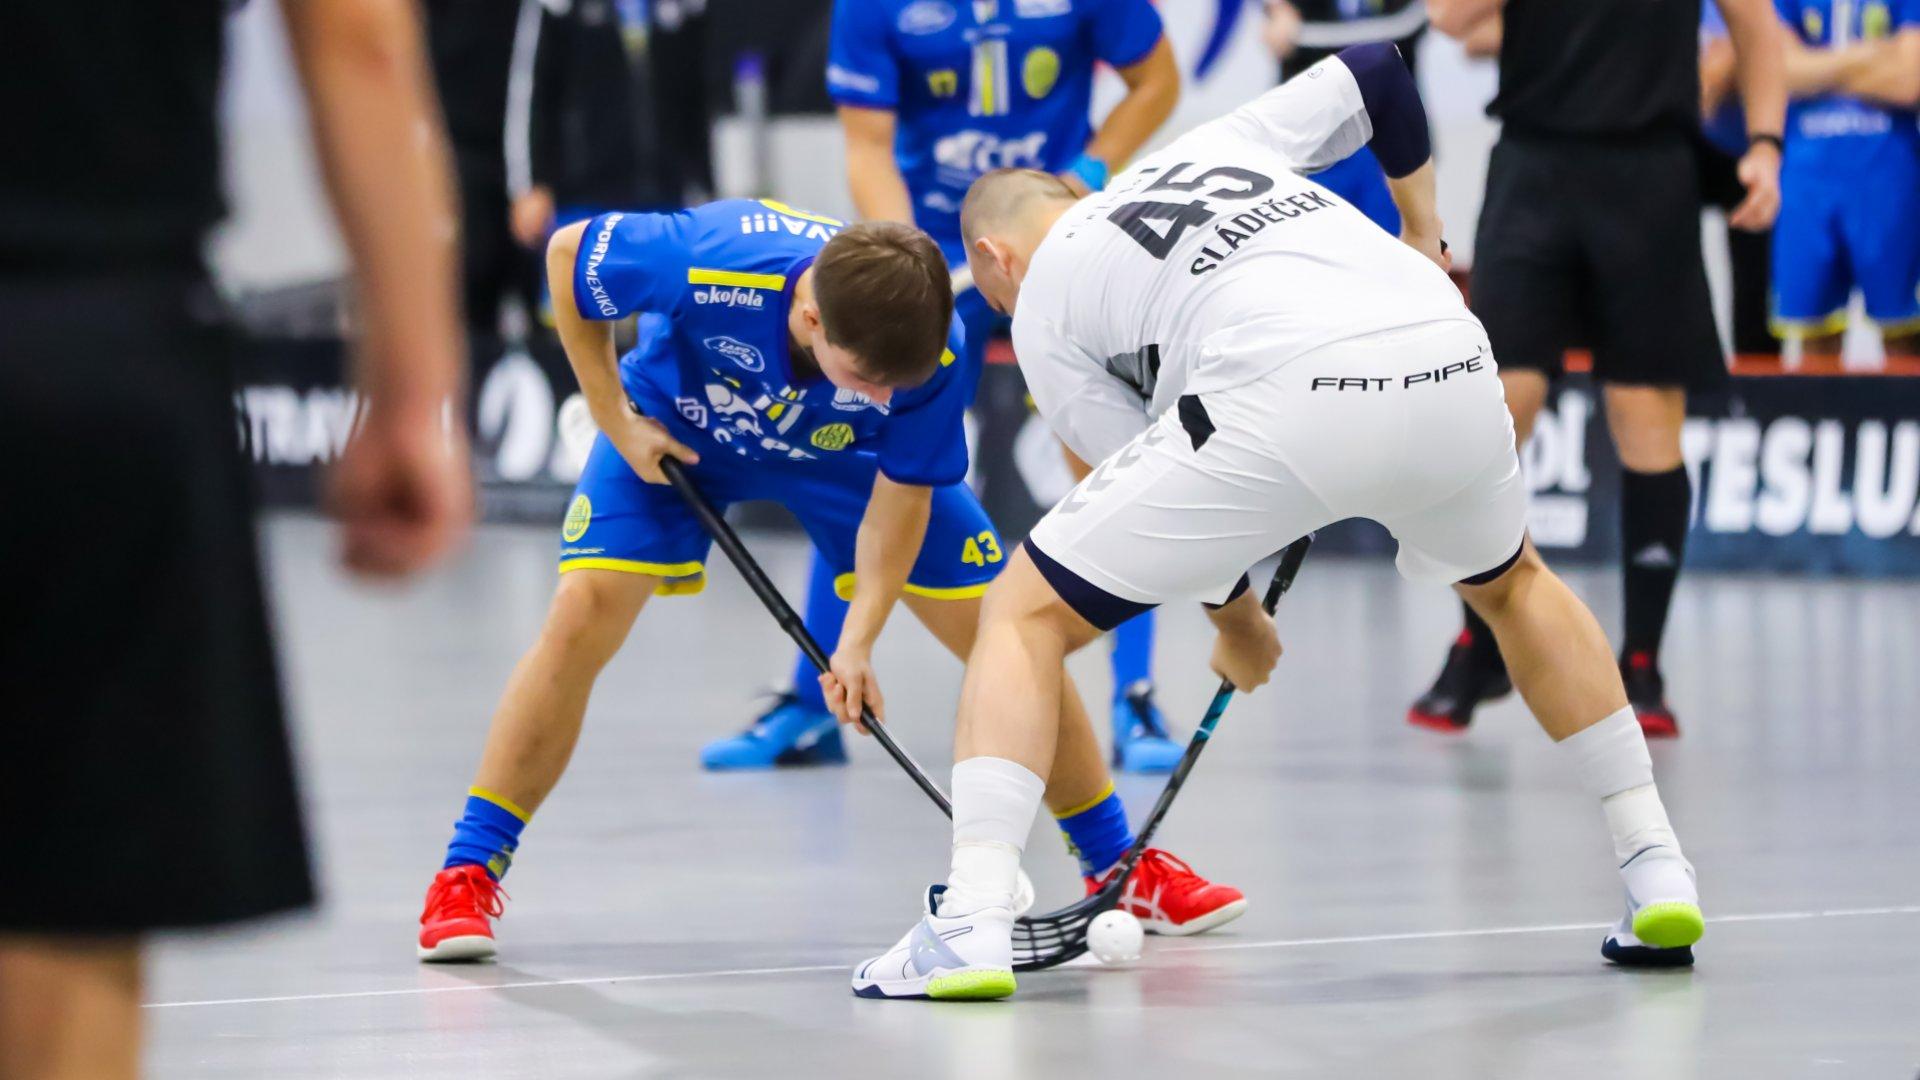 Čekání na výhru trvá: Ostrava uspěla nad Hattrickem o sedm gólů